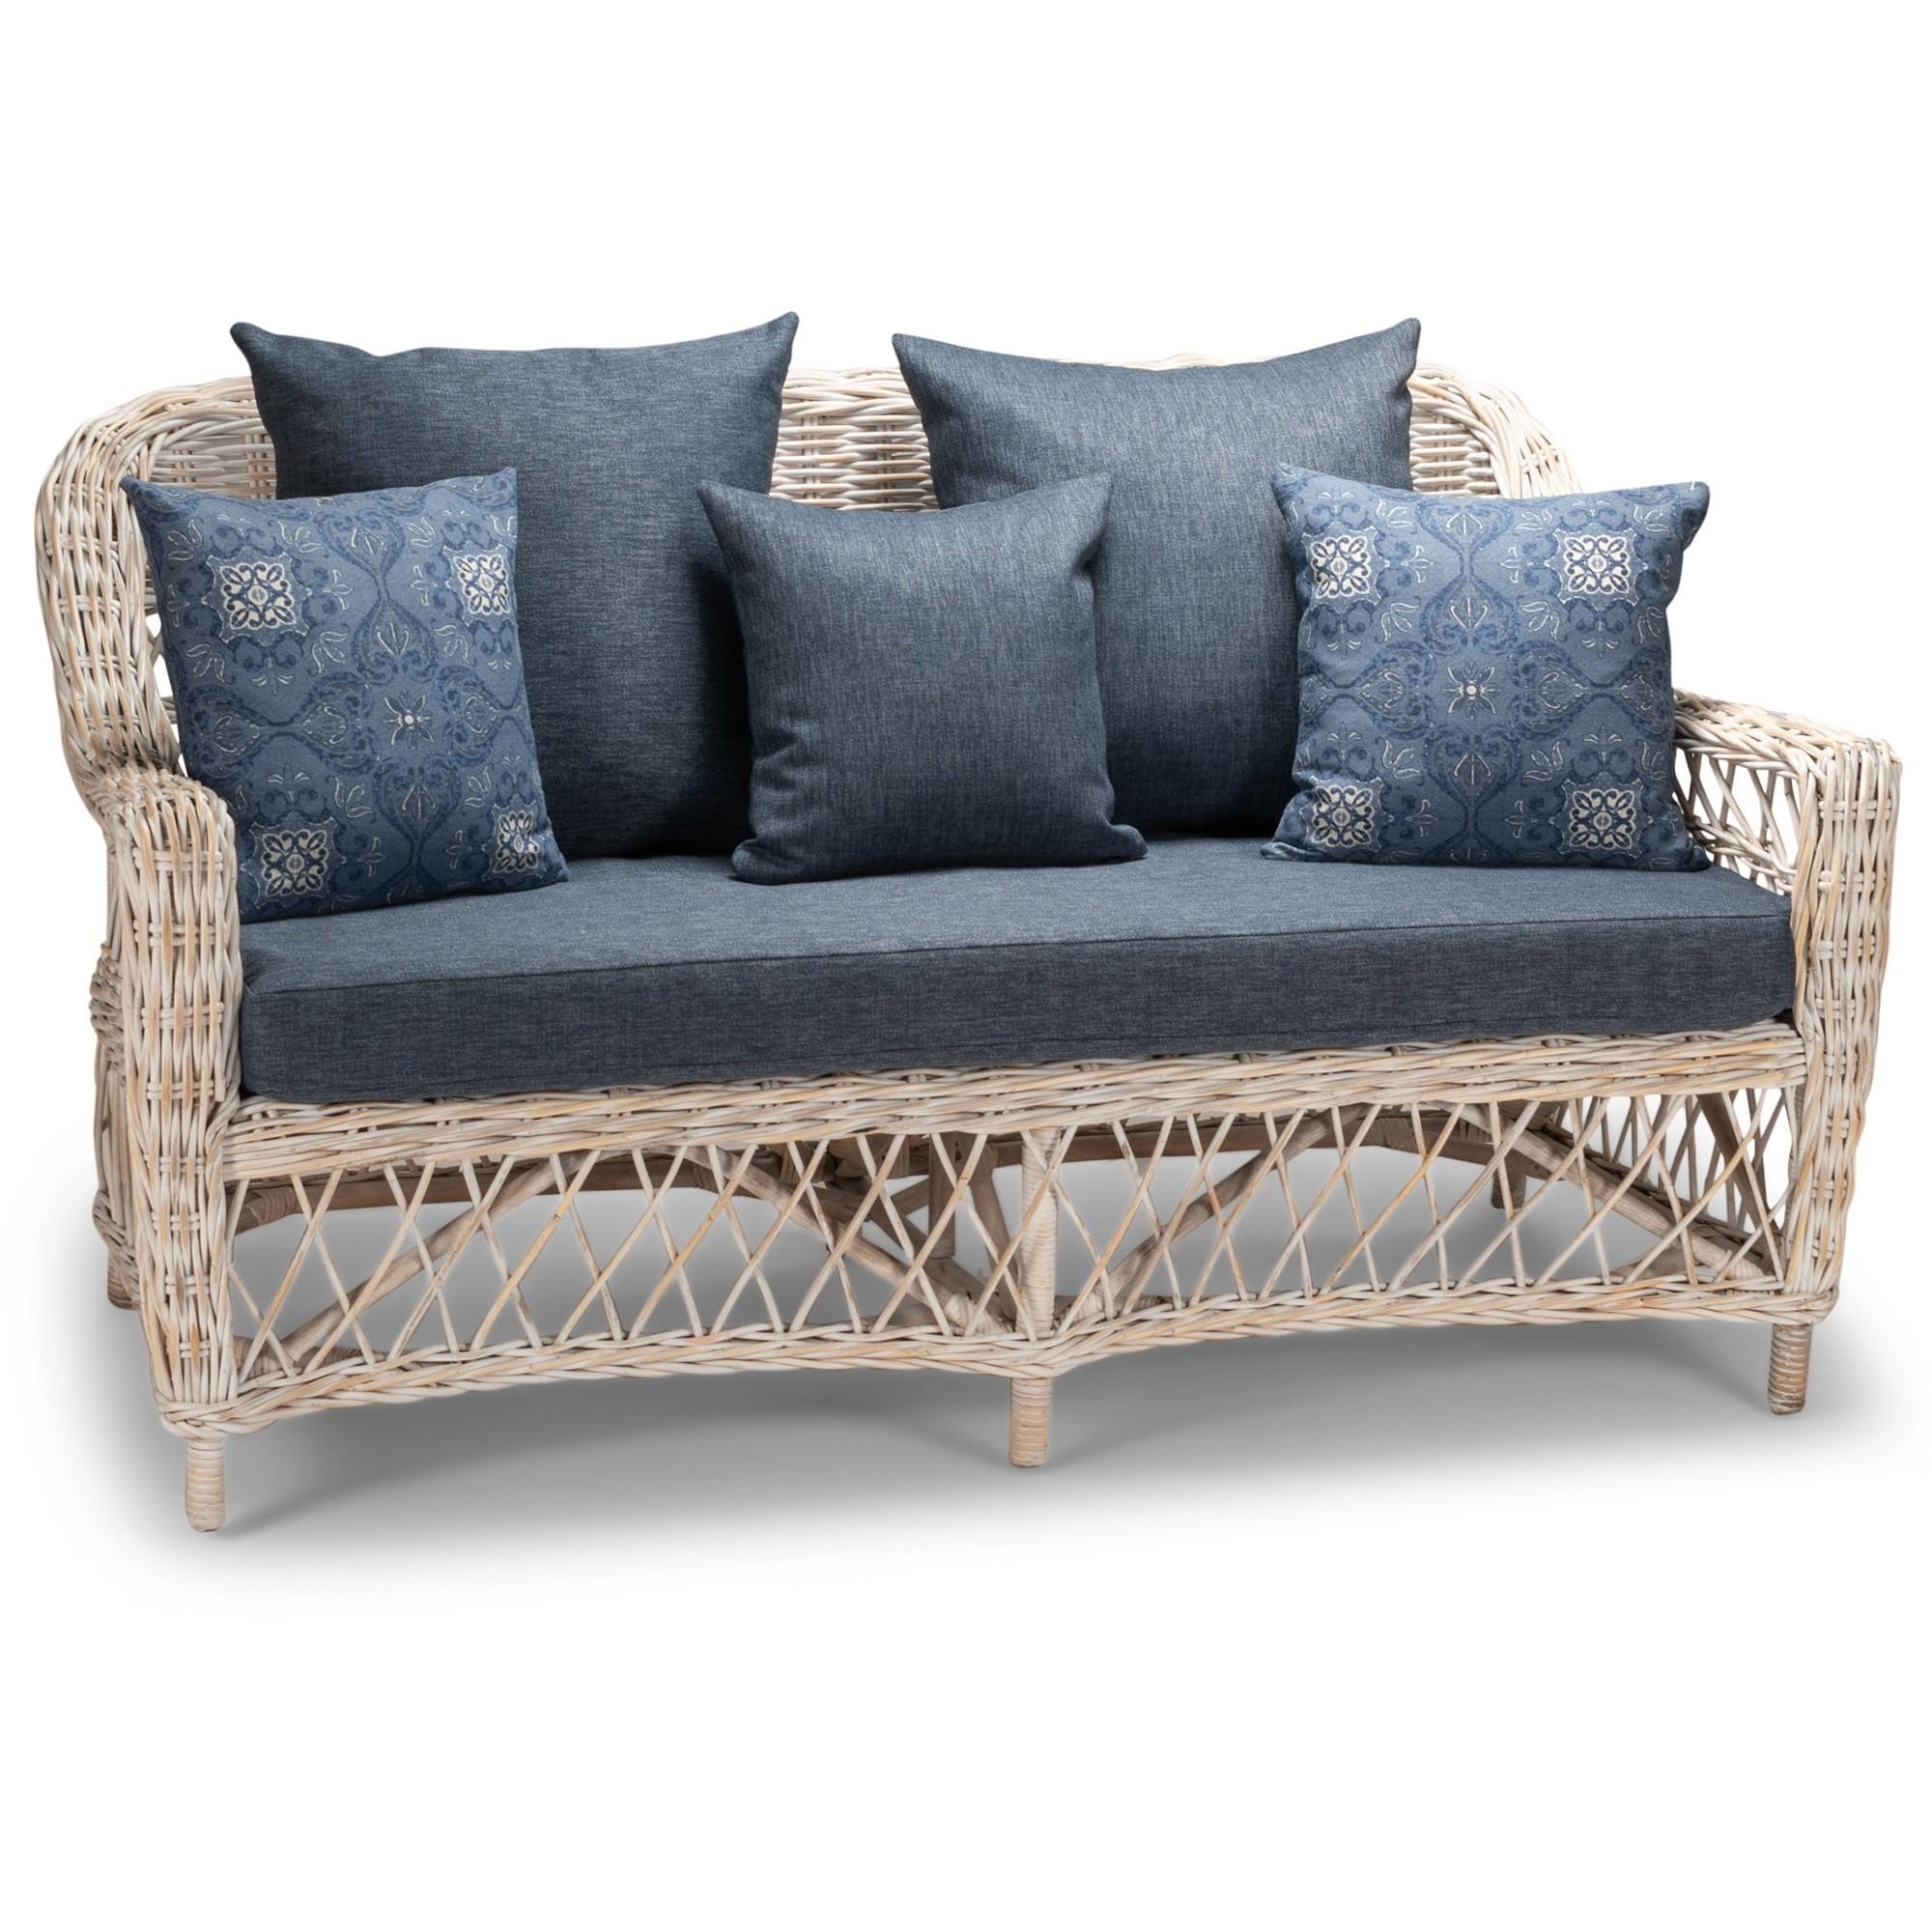 Nassau Rattan Sofa, 2 Seater, White Wash / Blue